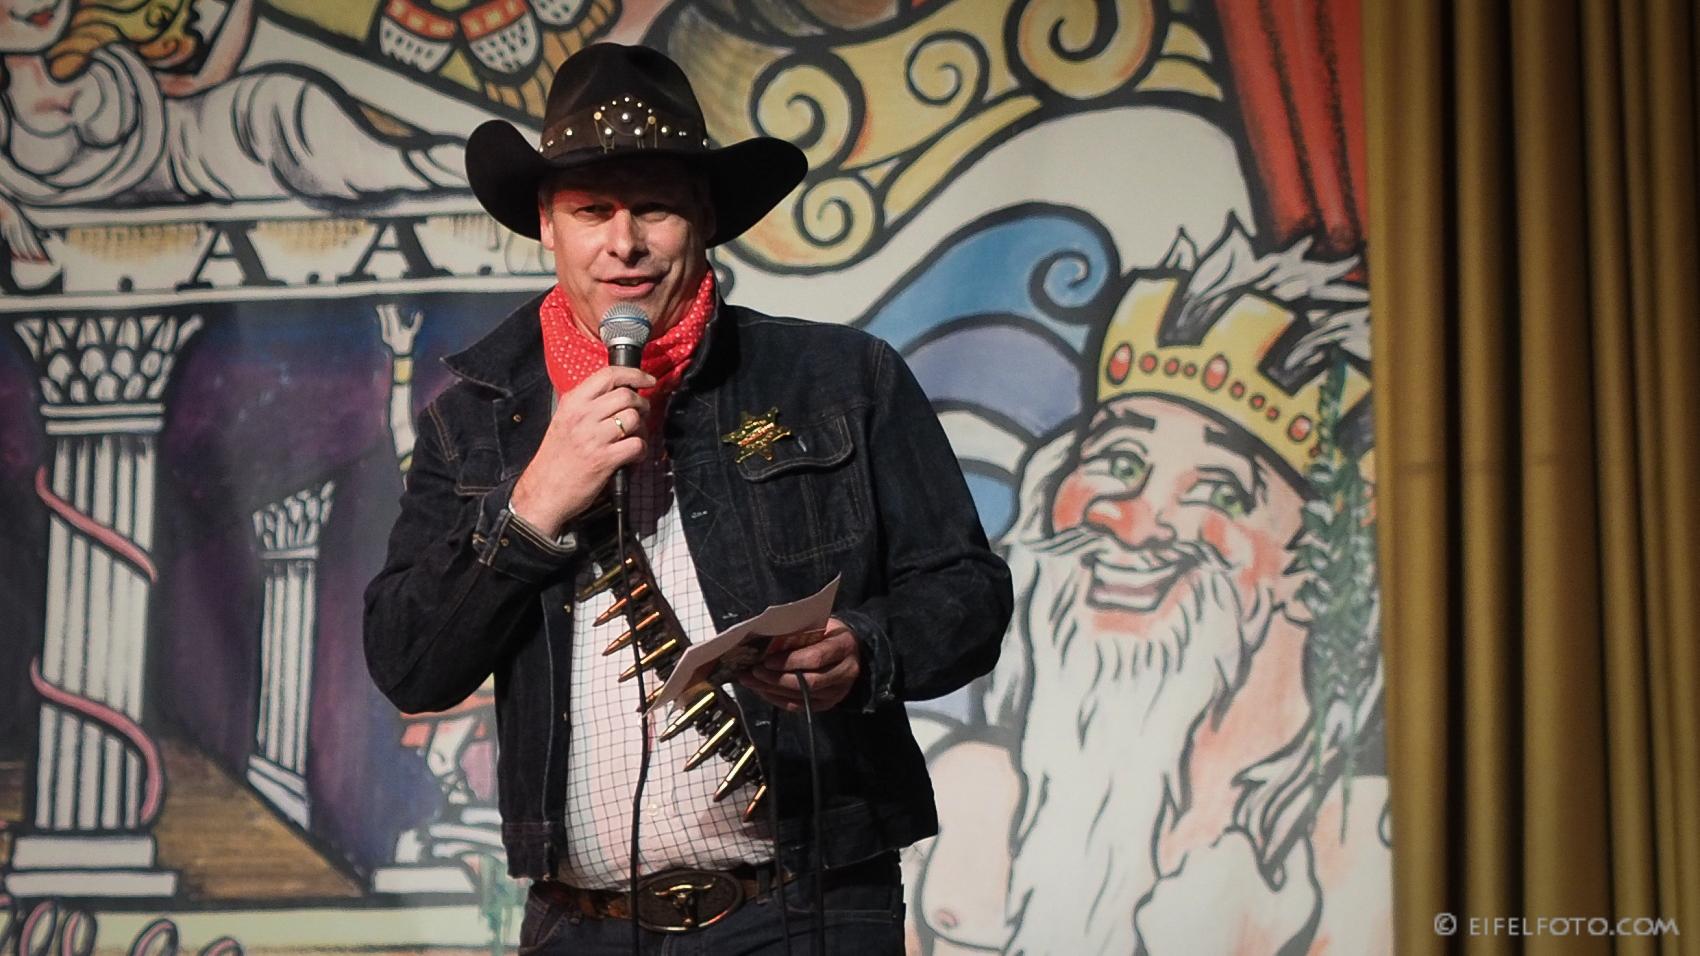 Festkomitte-Präsident der Kölner Karnevals, Markus Ritterbach 2017